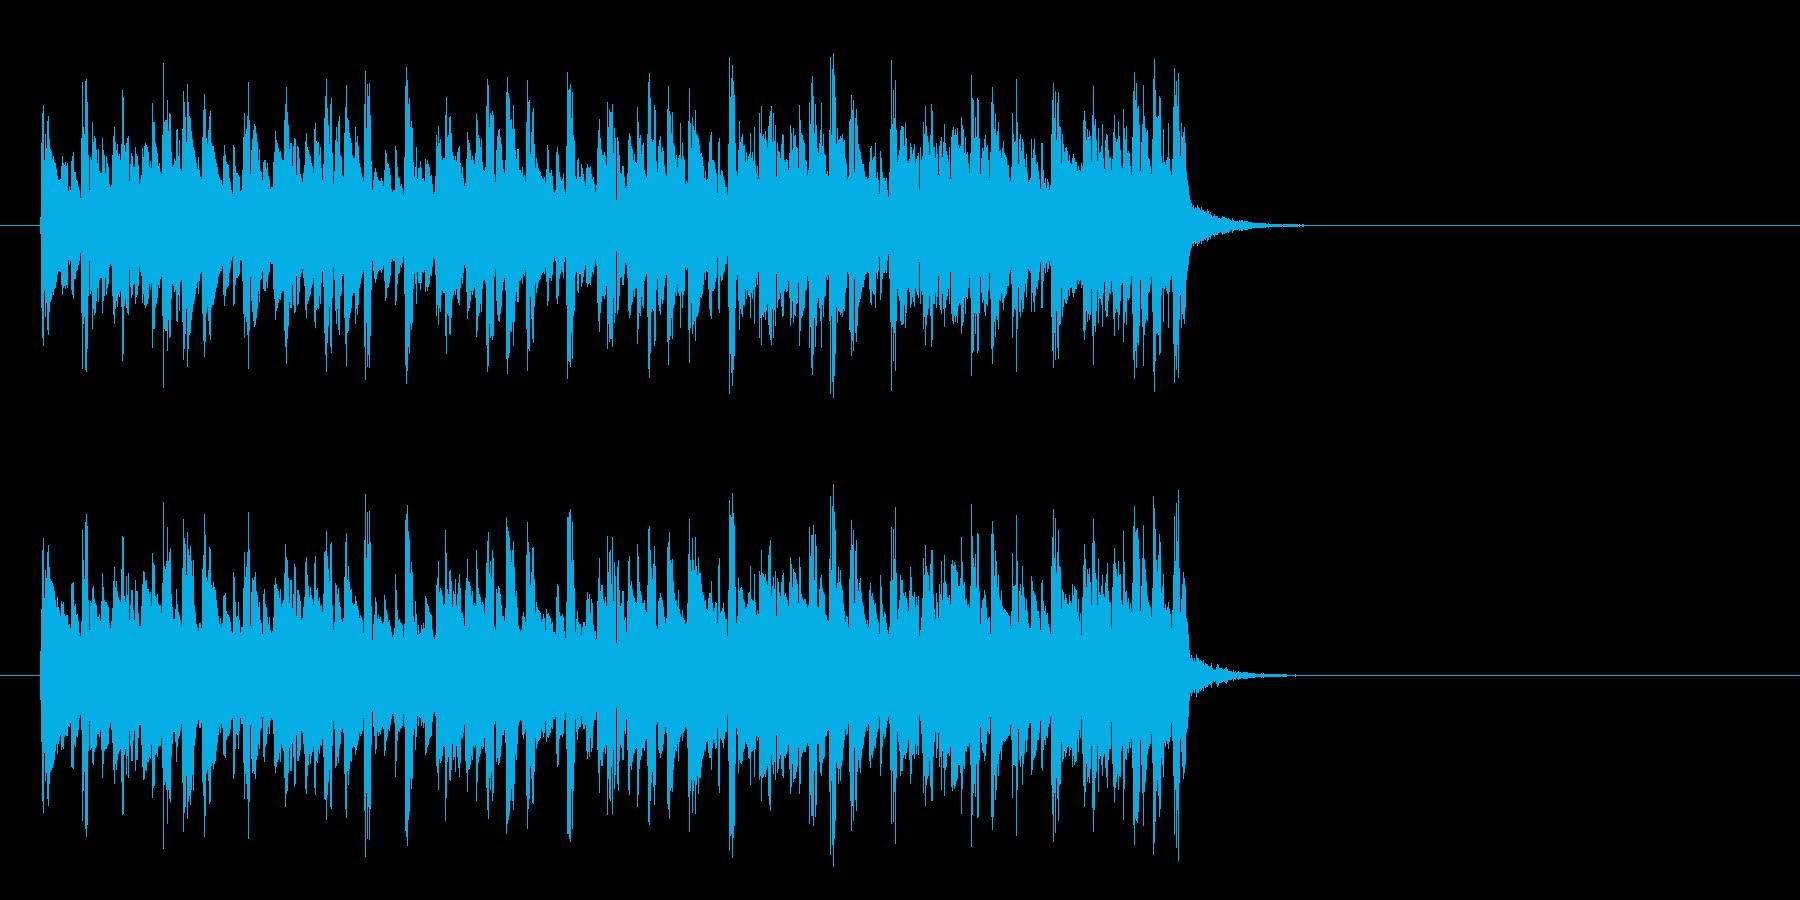 キャッチーなテクノポップ(イントロ)の再生済みの波形